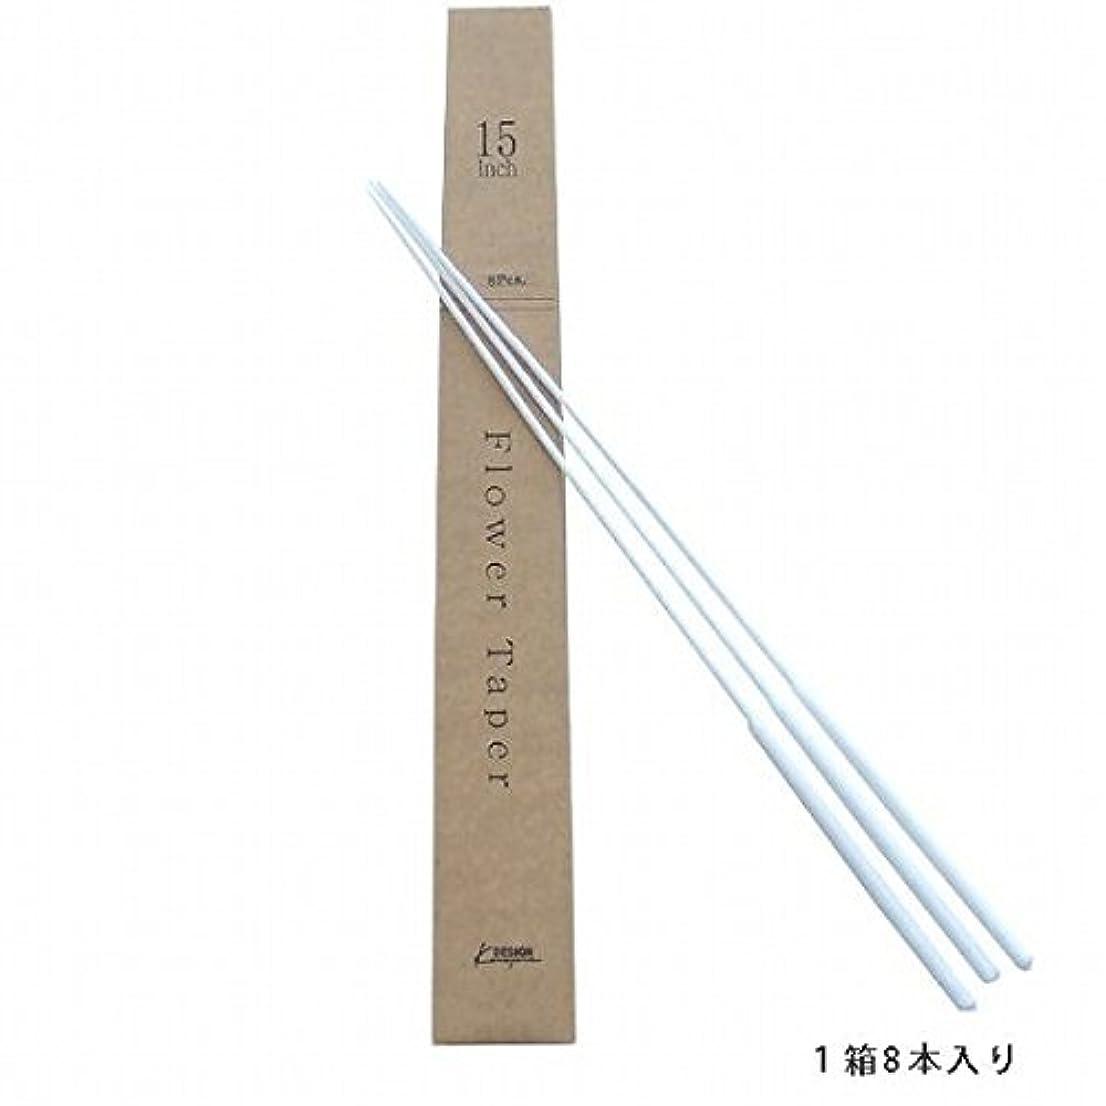 突然のわかりやすいもしkameyama candle(カメヤマキャンドル) 15インチトーチ用フラワーテーパー 8本入 「 ホワイト 」(71839998W)